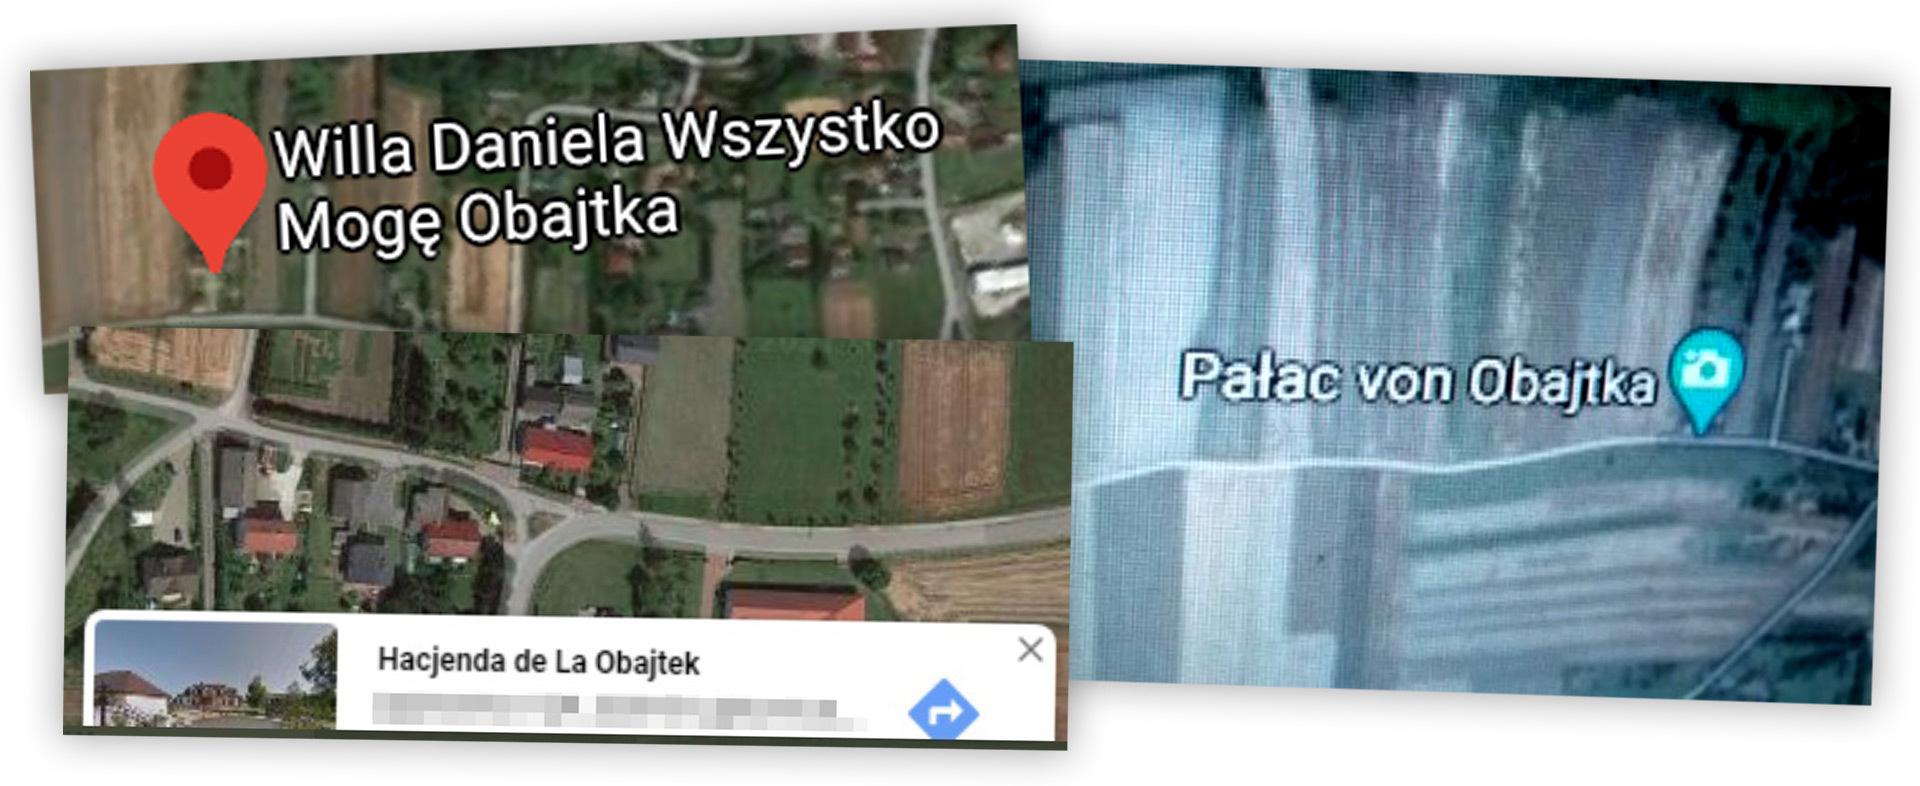 Żarty internautów w mapach Google